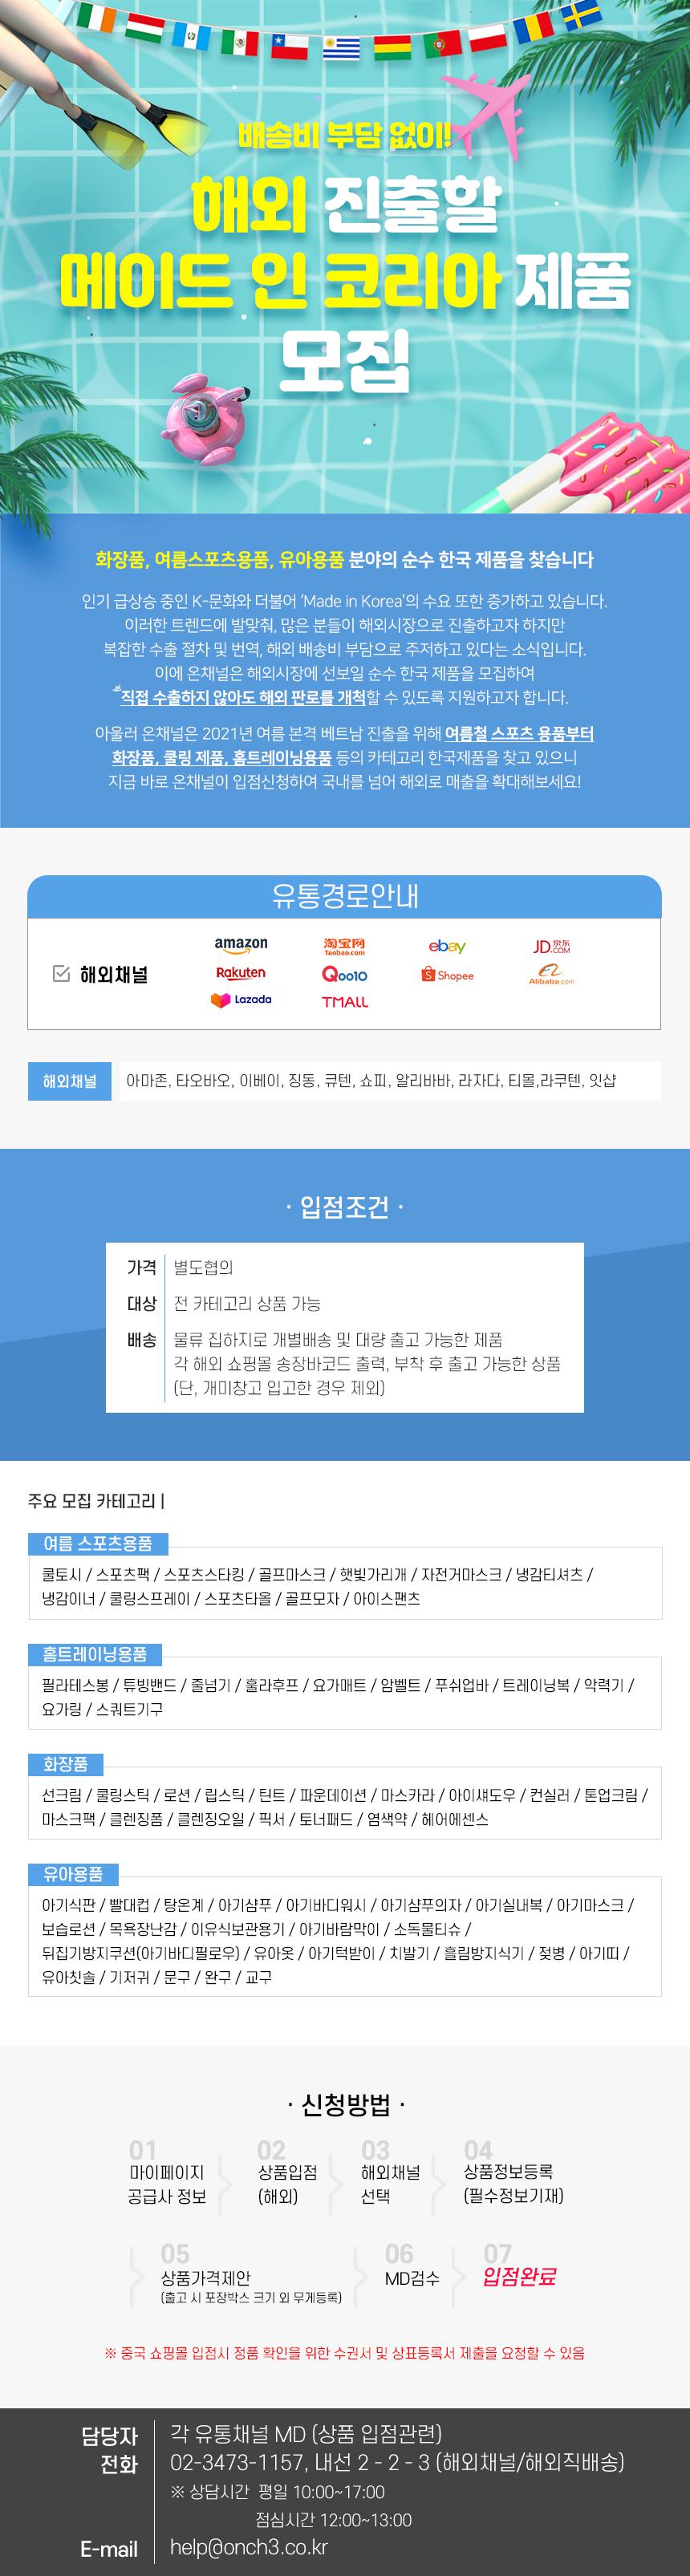 210624_7월_해외_수정.png